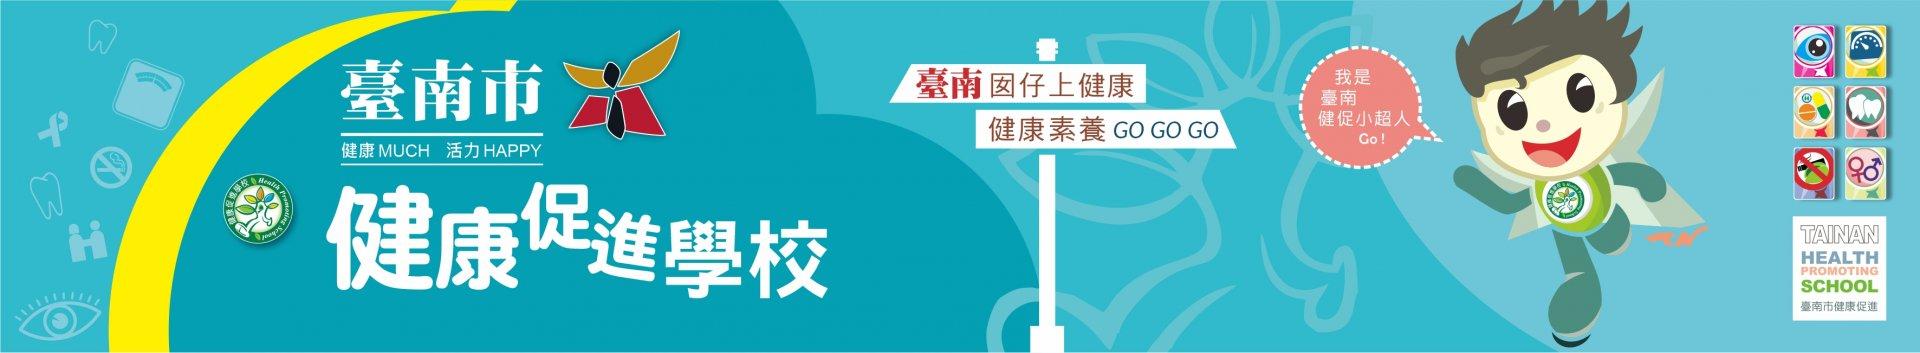 臺南市健康促進學校